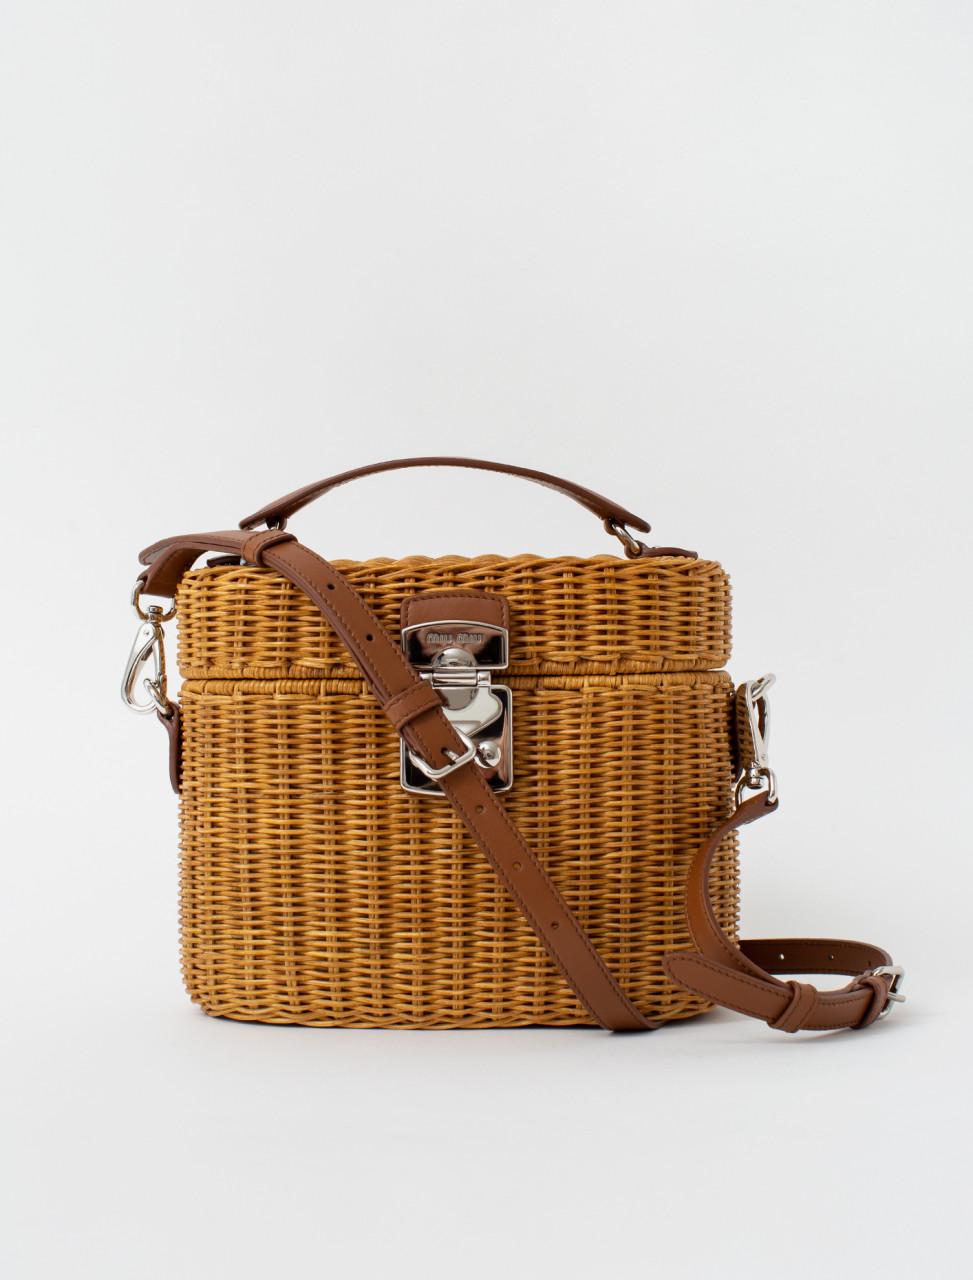 Miu Miu Wicker Bandoliera Bag